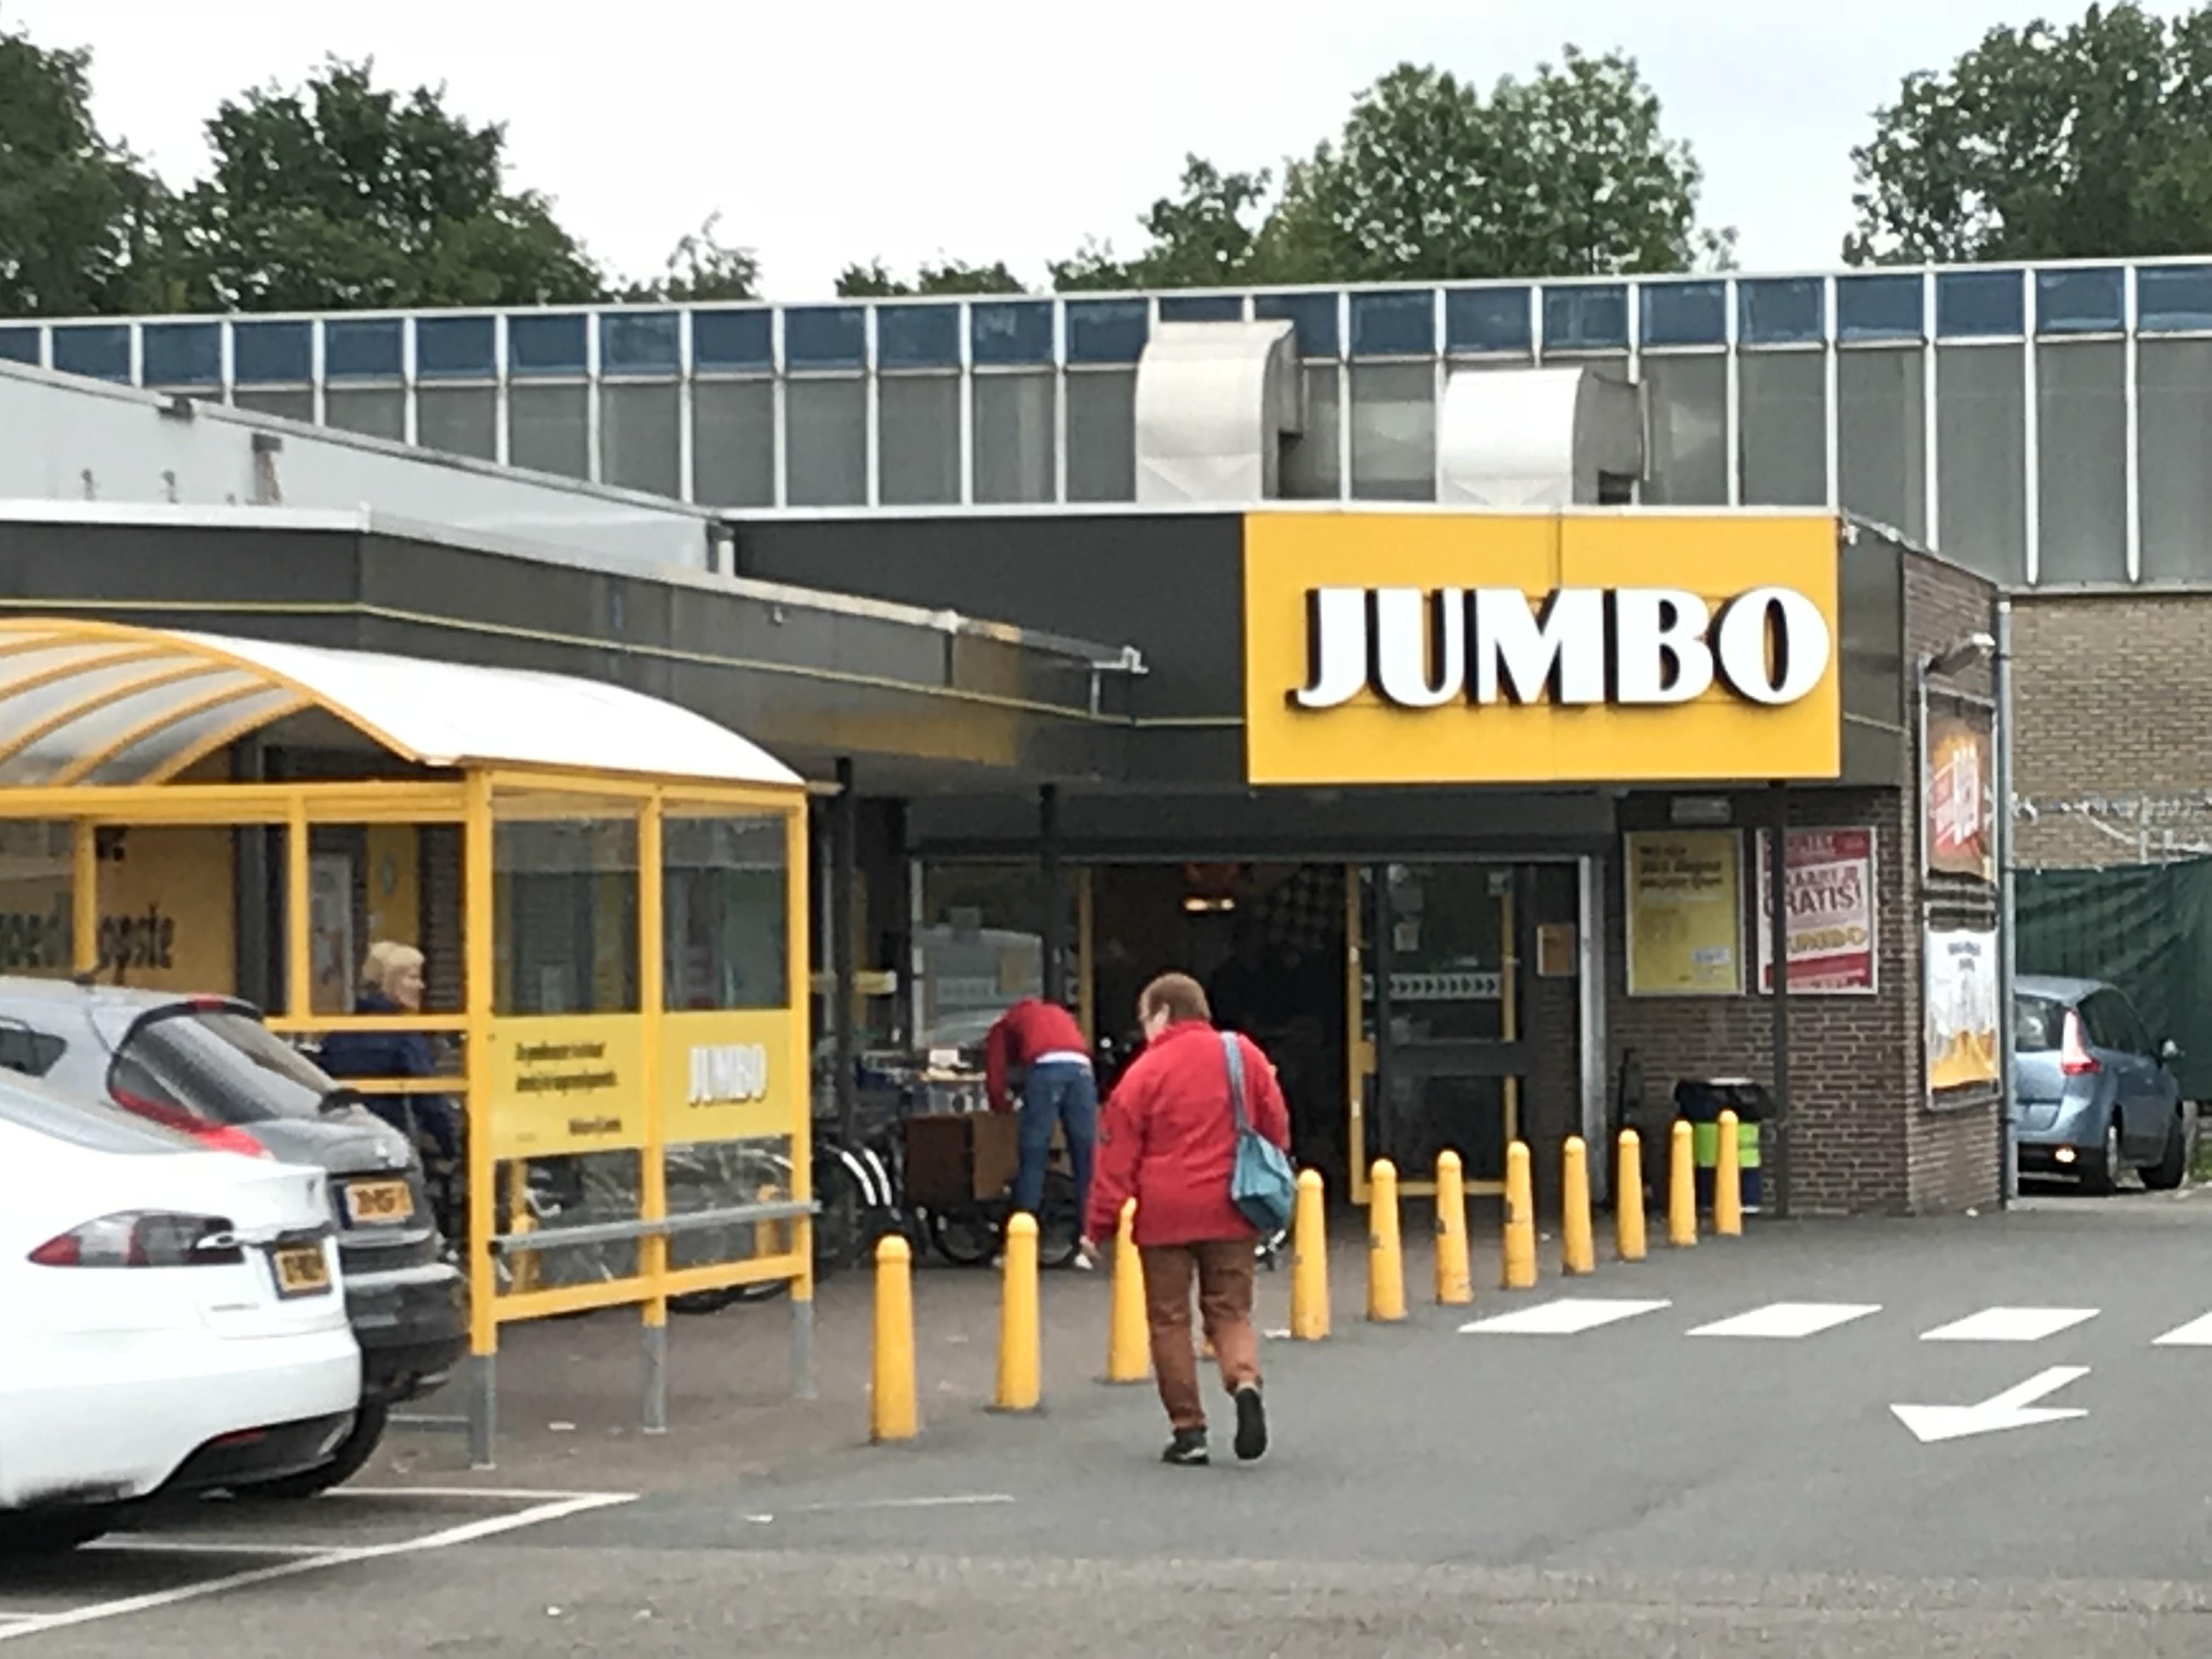 Jumbo Rooiseheide